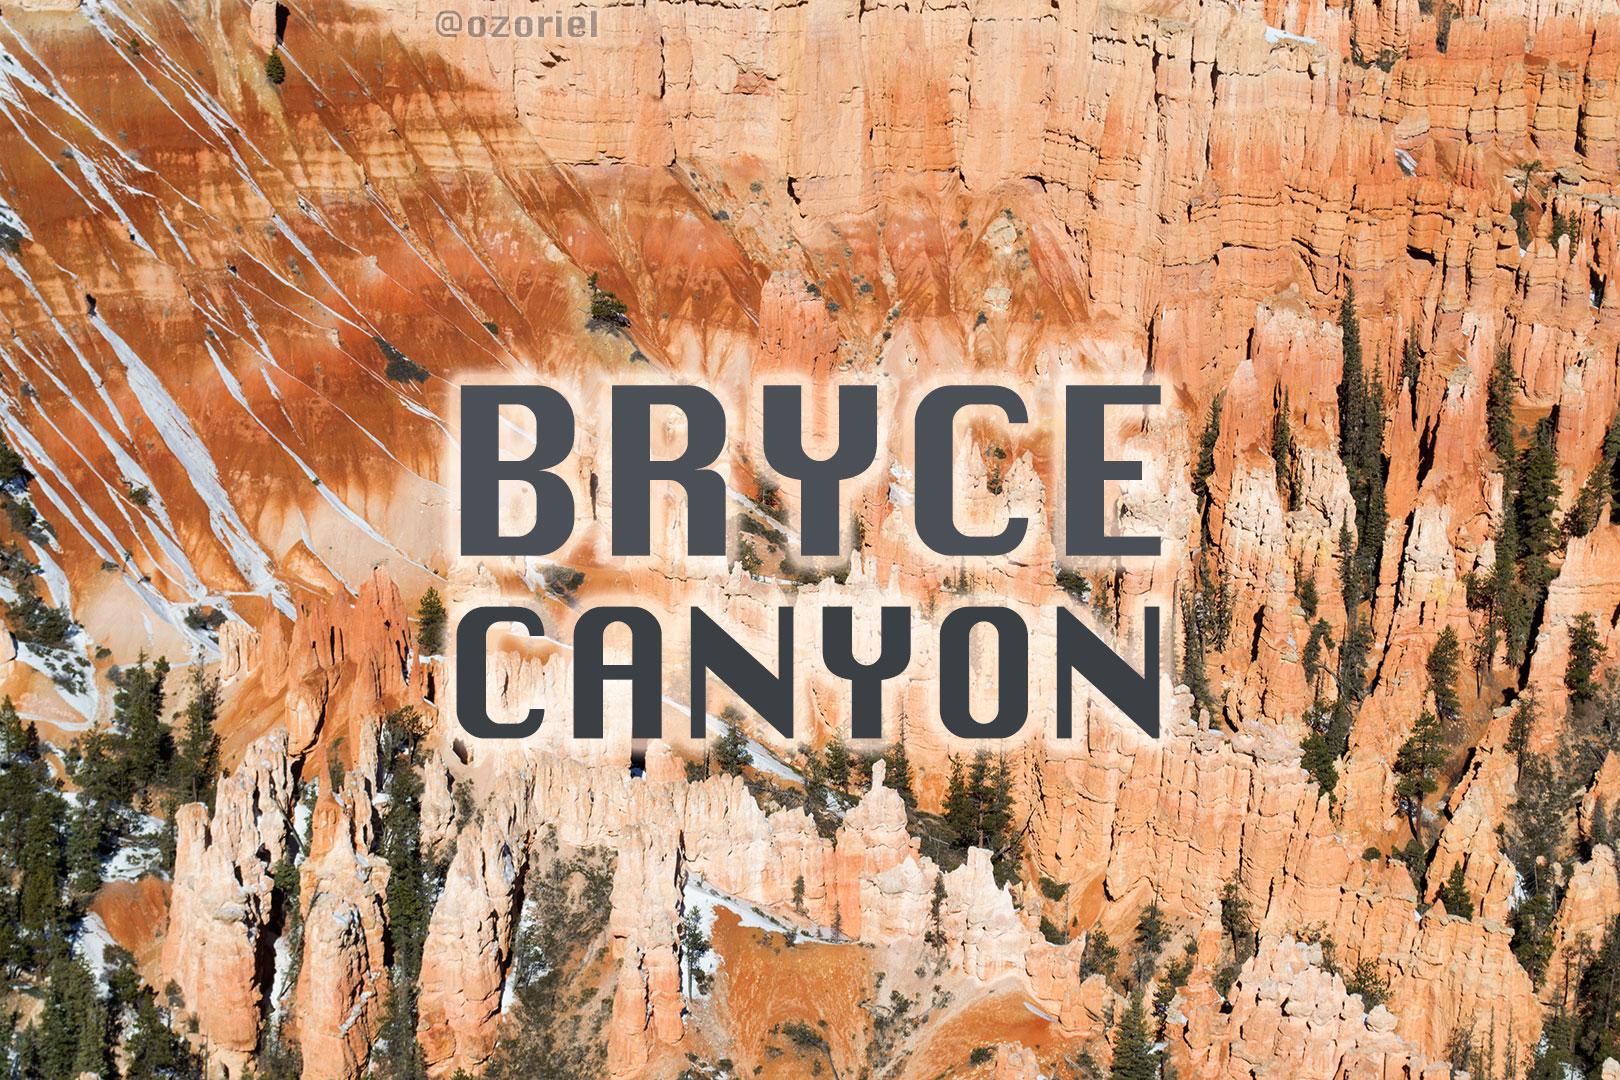 bryce canyon utah2 - O Singular Cânion Bryce - Utah - EUA